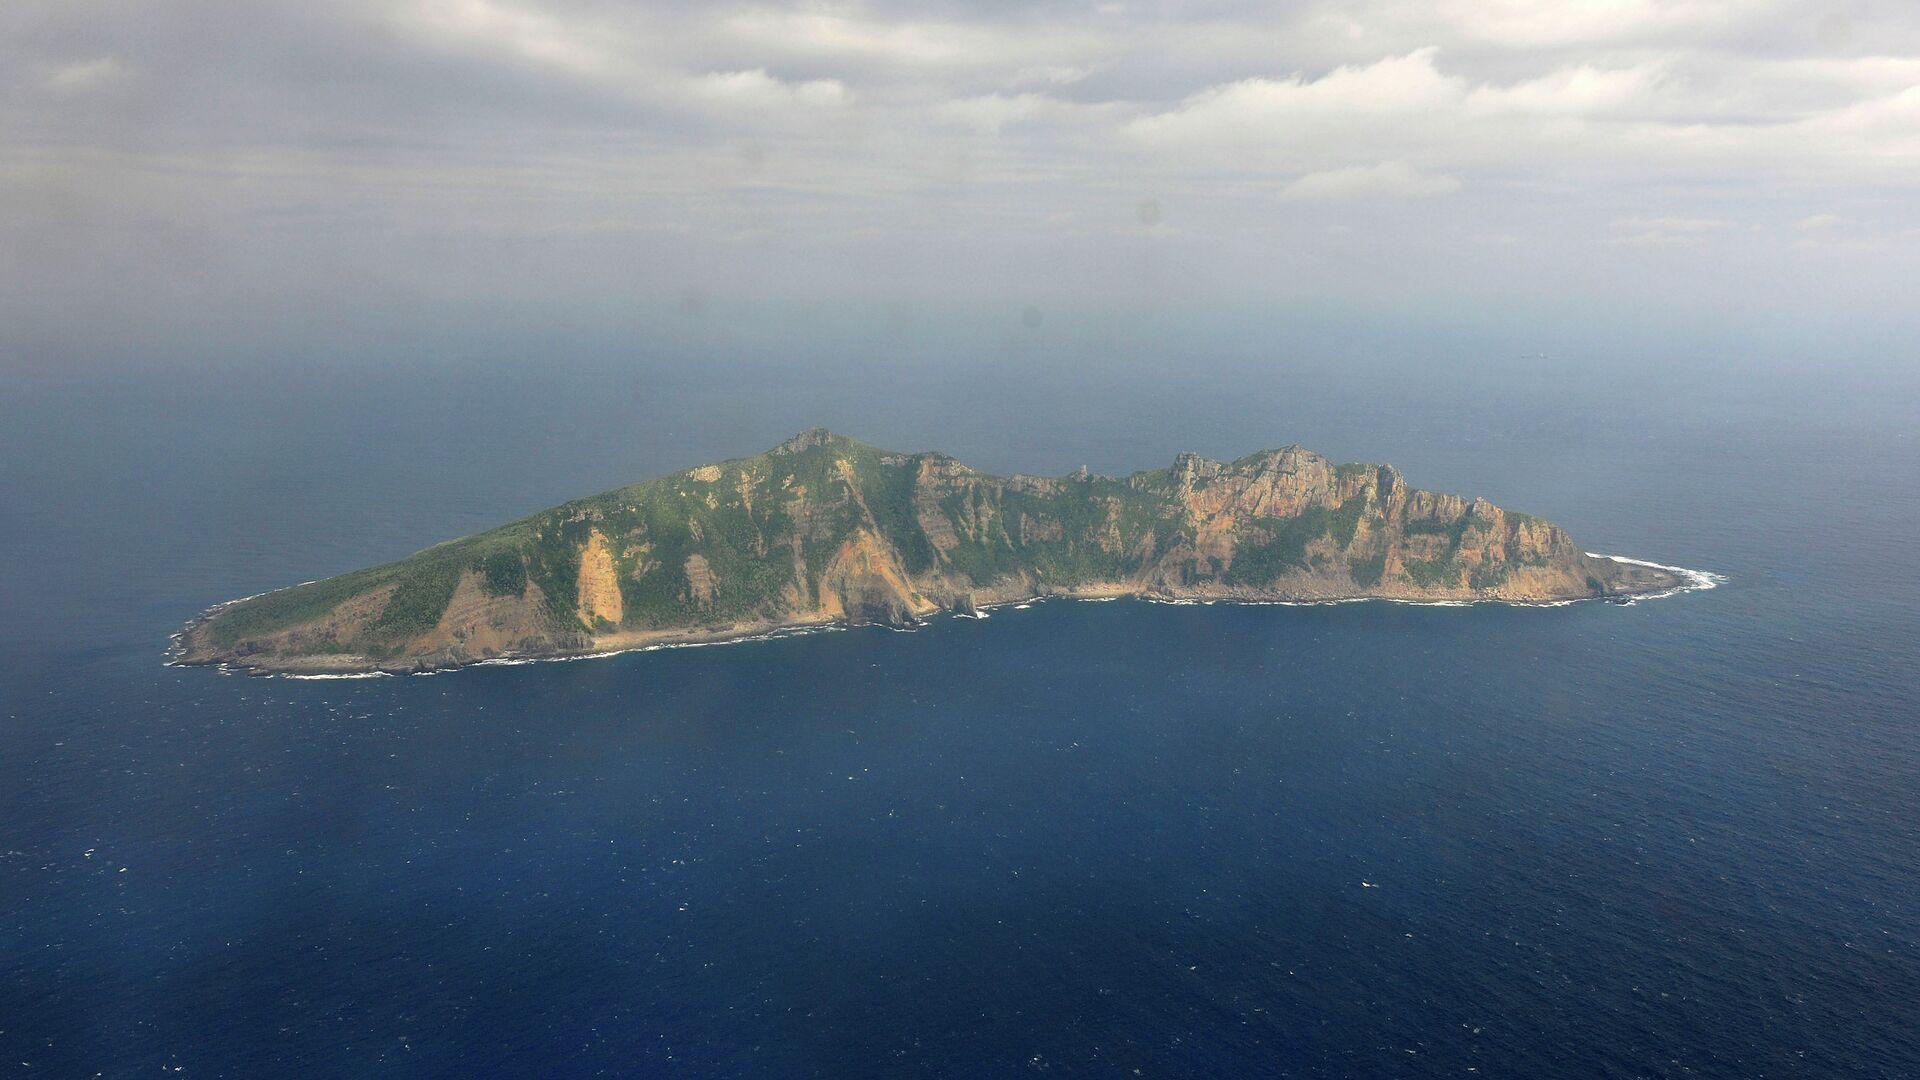 Остров Сенкаку архипелаг в Восточно-Китайском море - РИА Новости, 1920, 28.02.2021